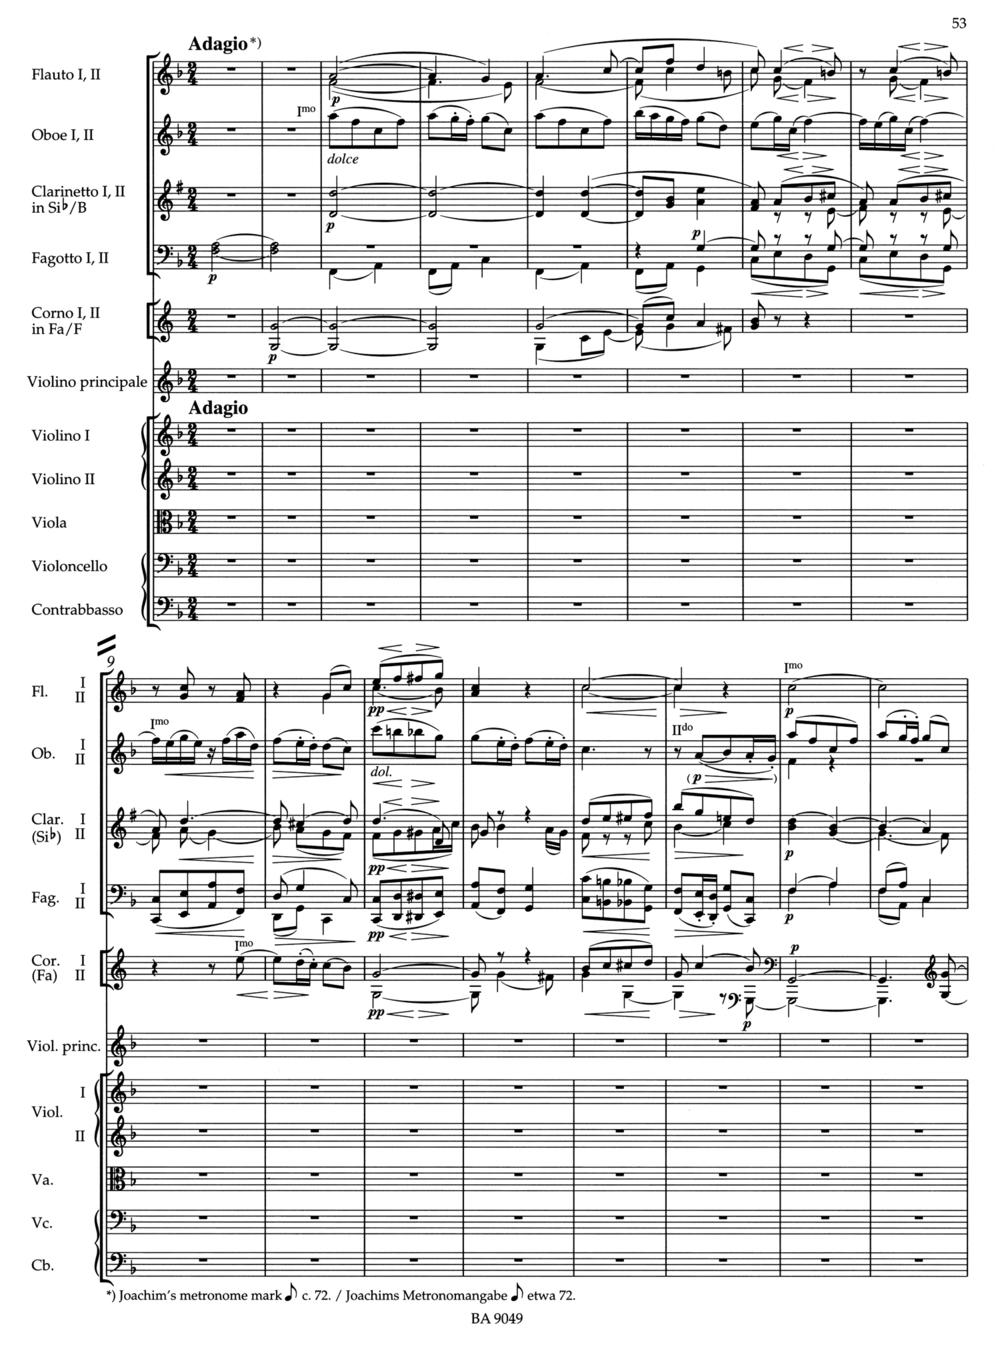 Brahms Violin Score 1.jpg